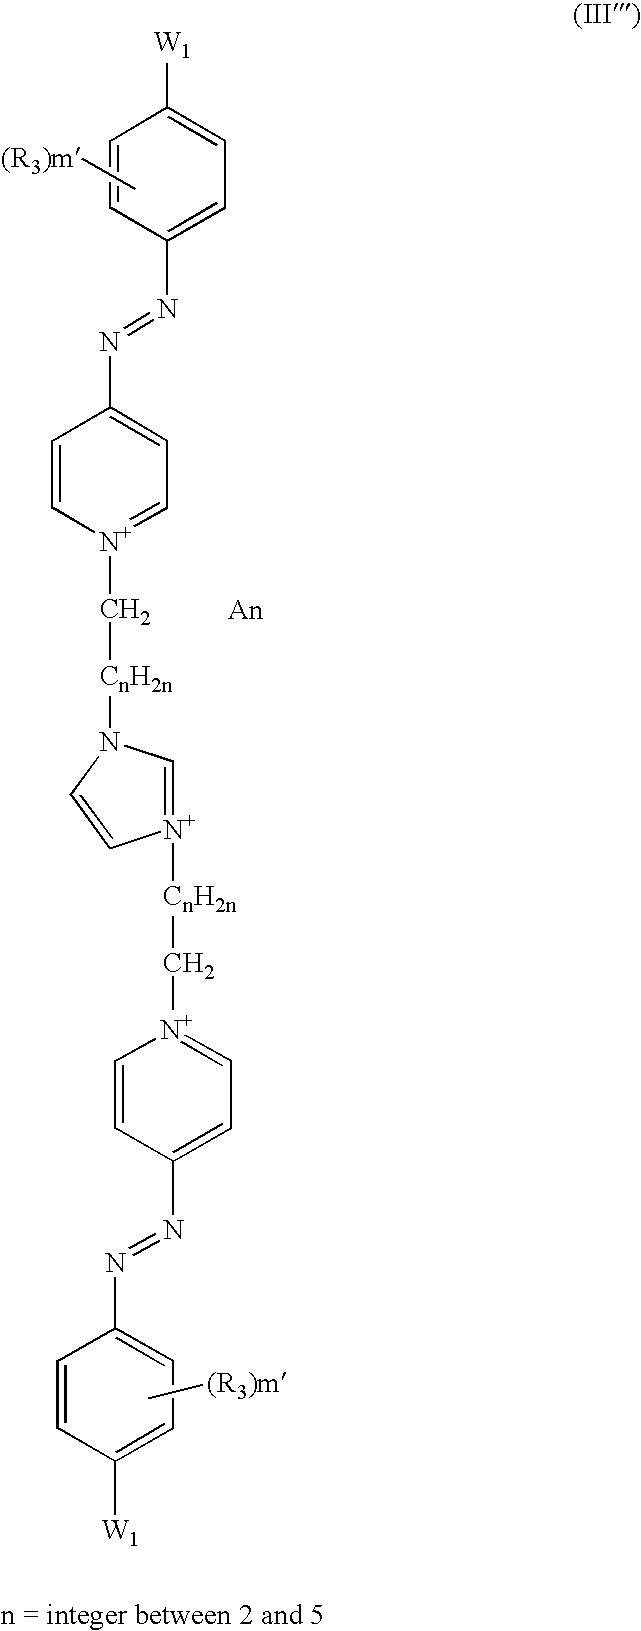 Figure US07288639-20071030-C00012